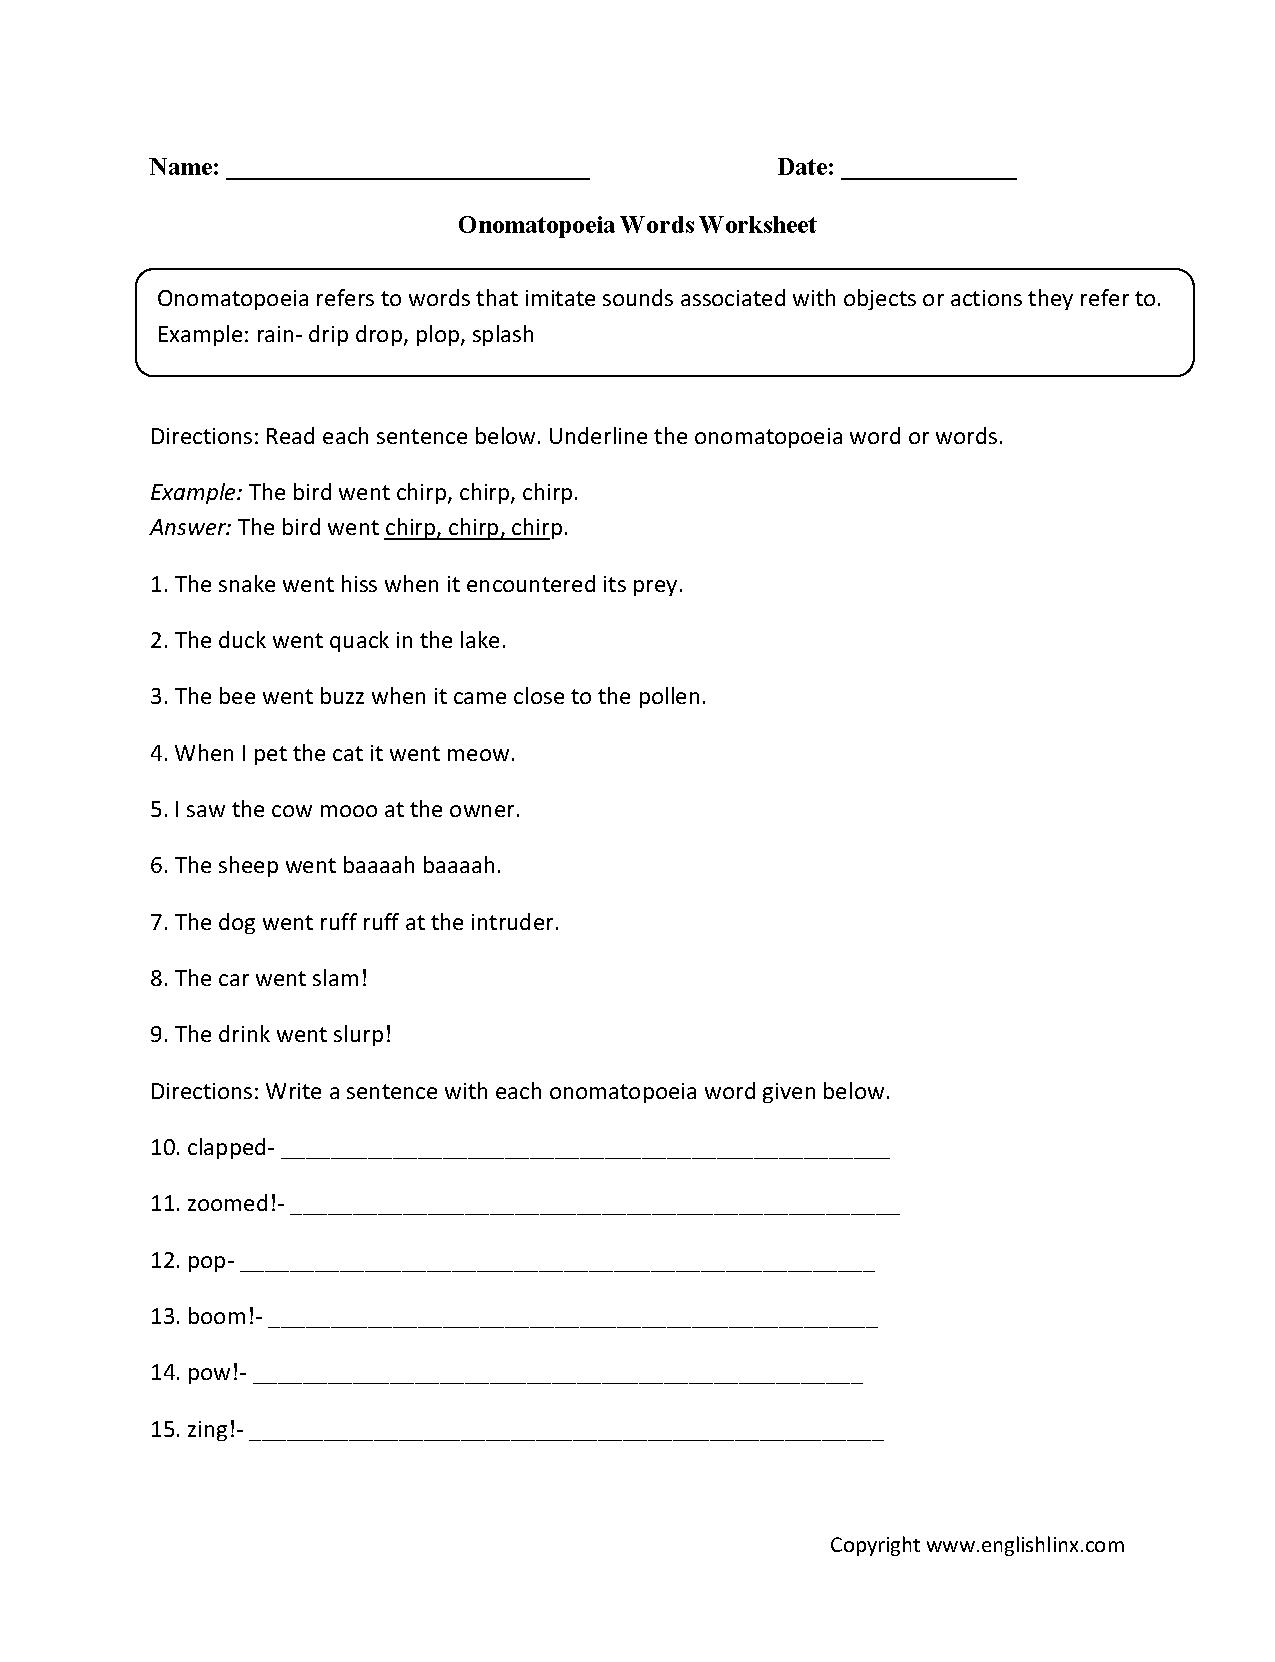 hight resolution of Englishlinx.com   Onomatopoeia Worksheets   Figurative language worksheet